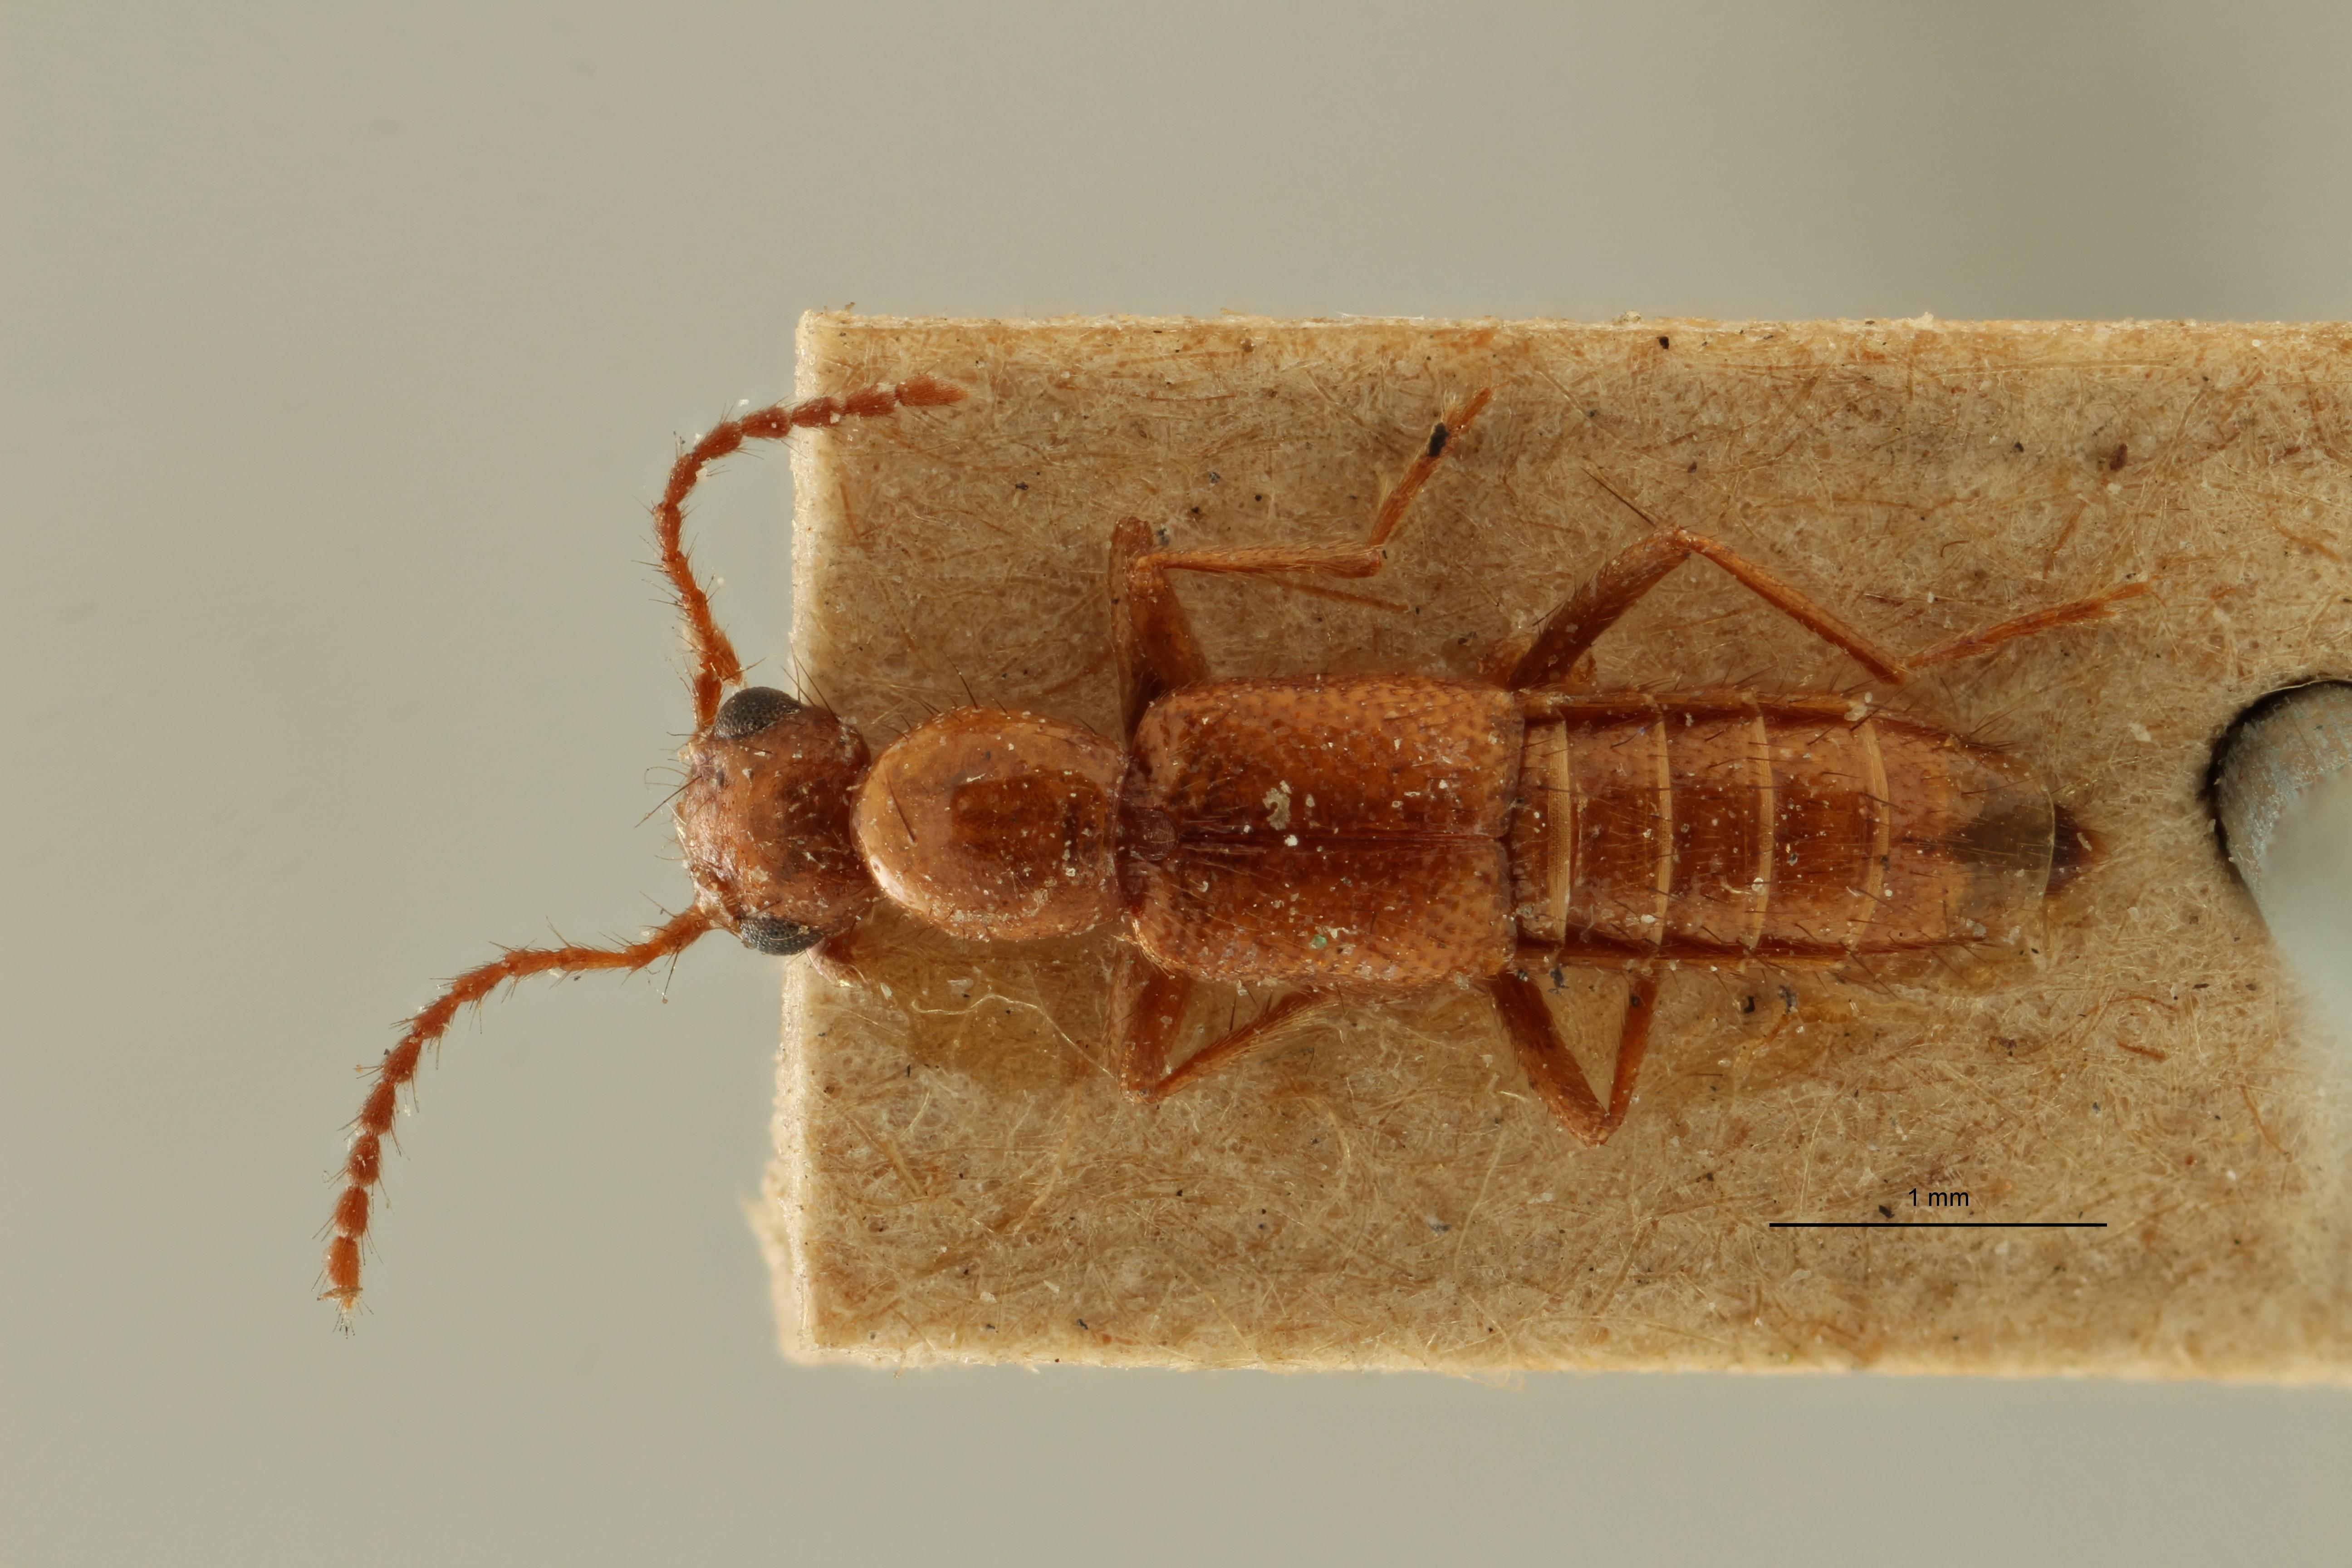 Paederus apicalis et D ZS PMax Scaled.jpeg